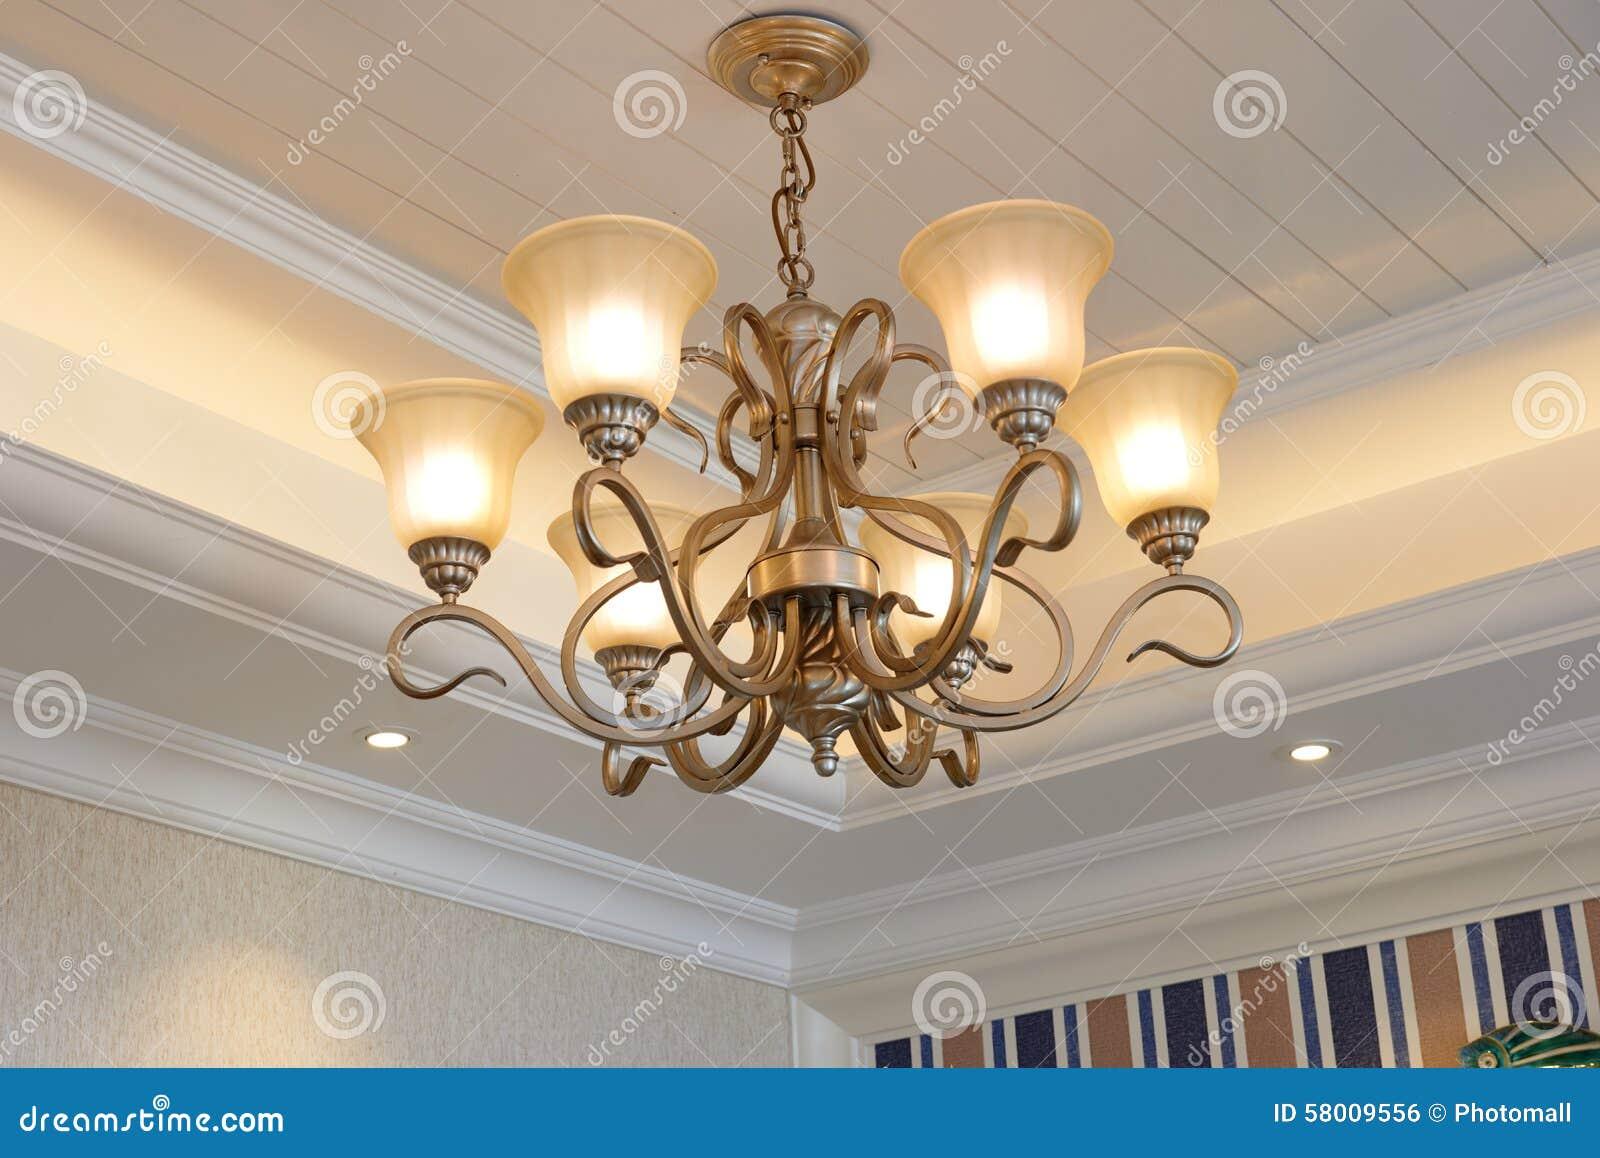 Klassieke Luxe Hangende Verlichting Stock Foto - Afbeelding ...